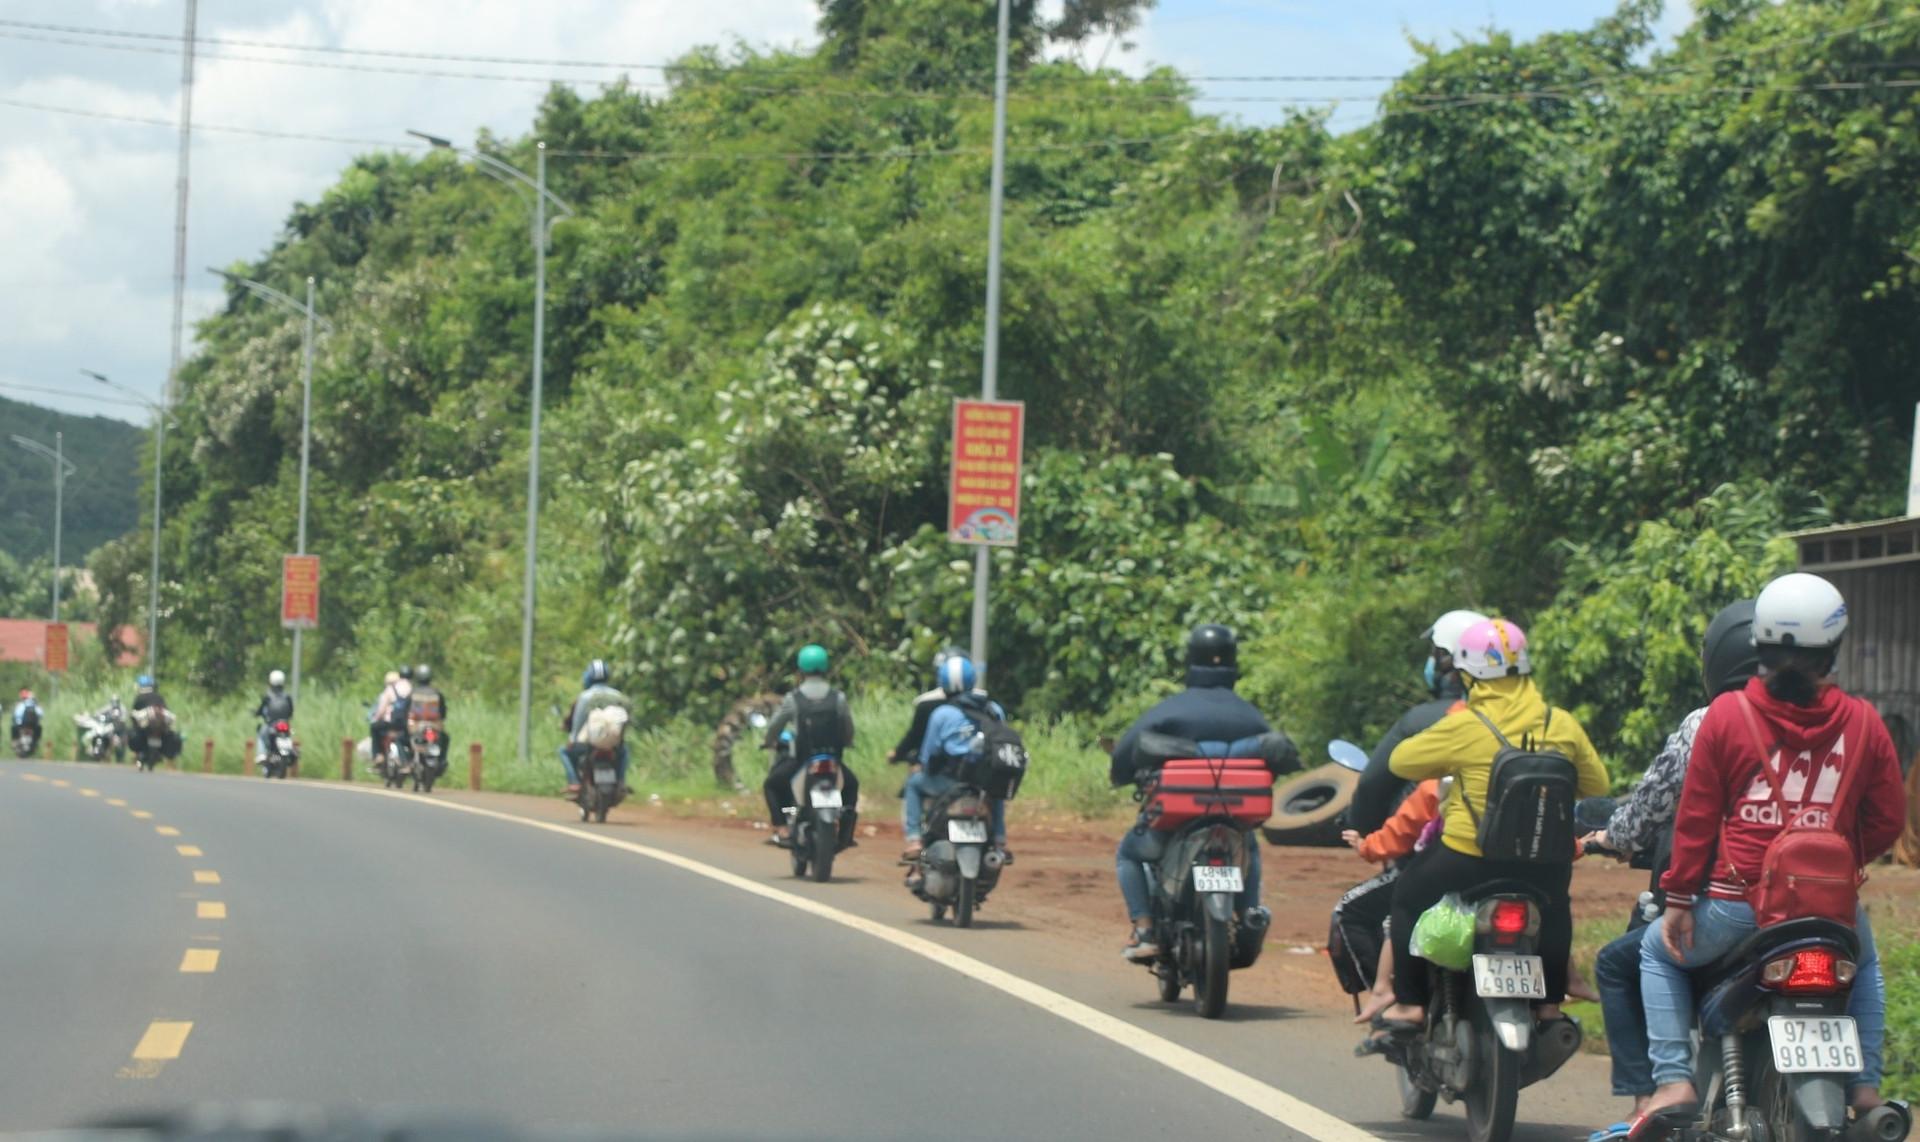 Hàng nghìn người chạy xe máy từ vùng dịch tiếp tục về Tây Nguyên